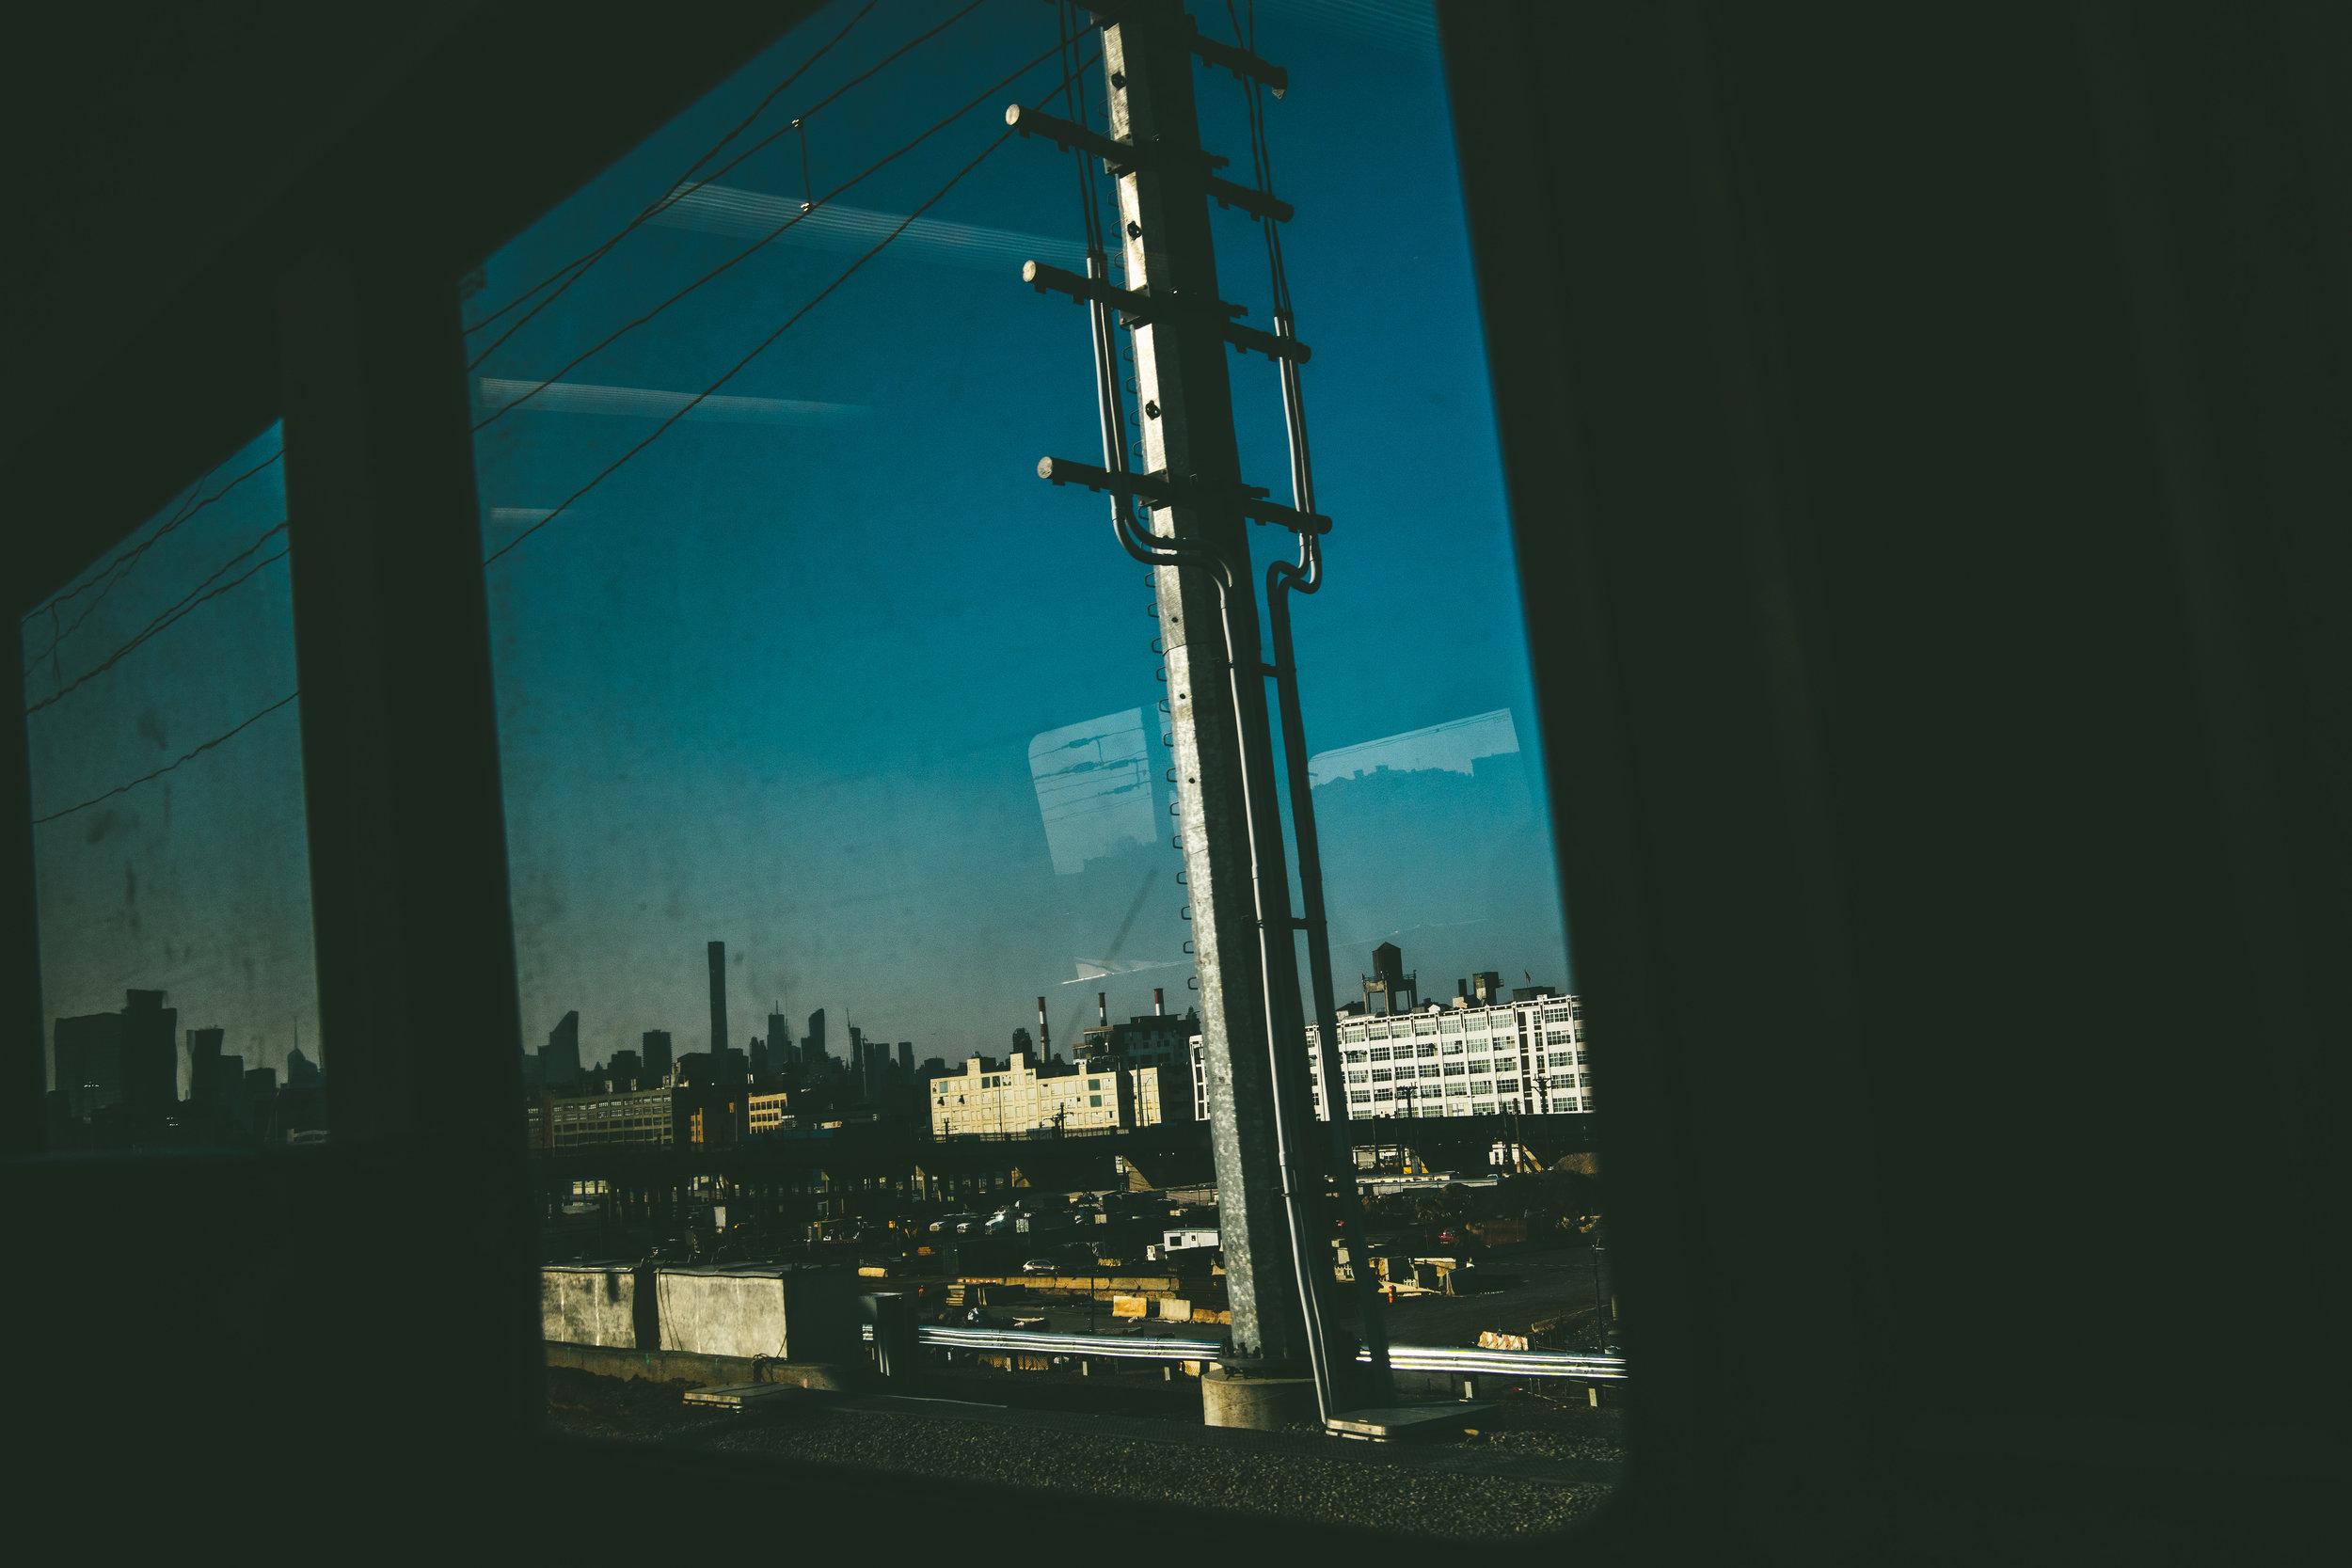 newyork-05111.jpg